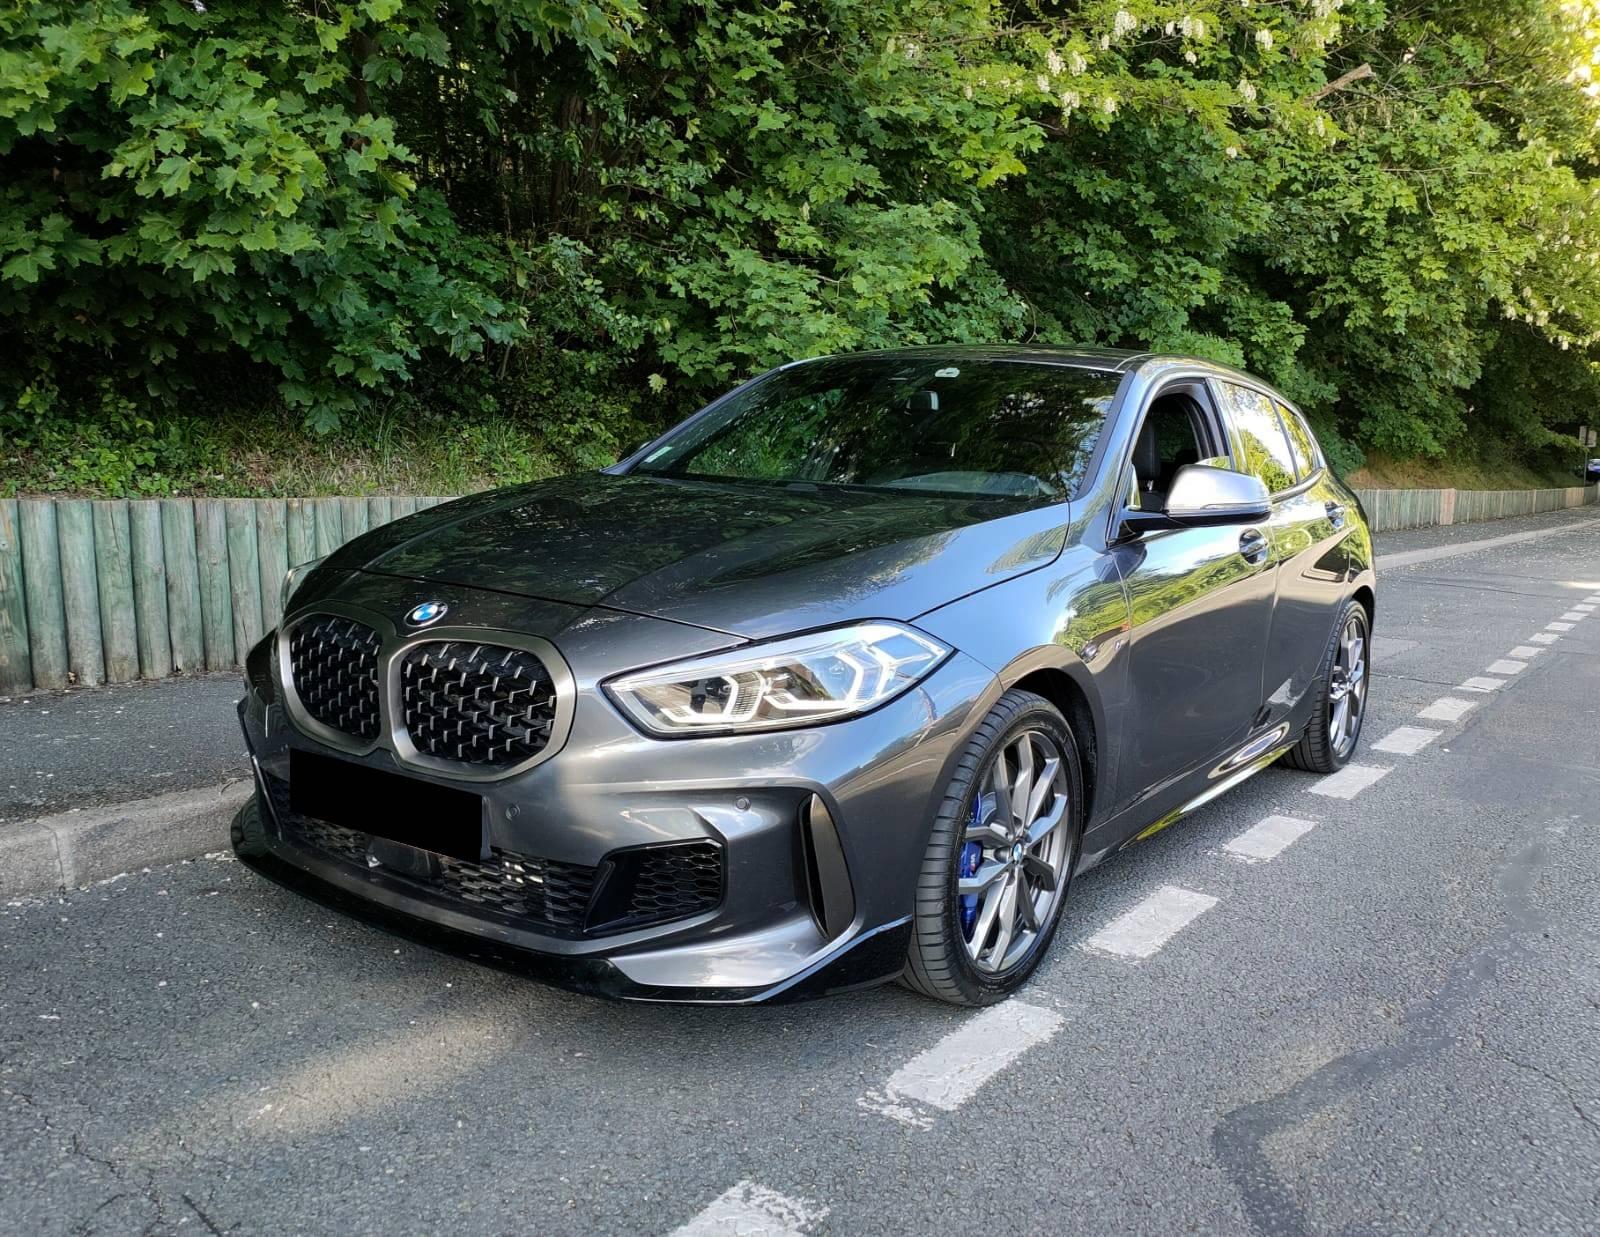 BMW SERIE 1 (F40) M135i 306 XDRIVE M PERFORMANCE BVA